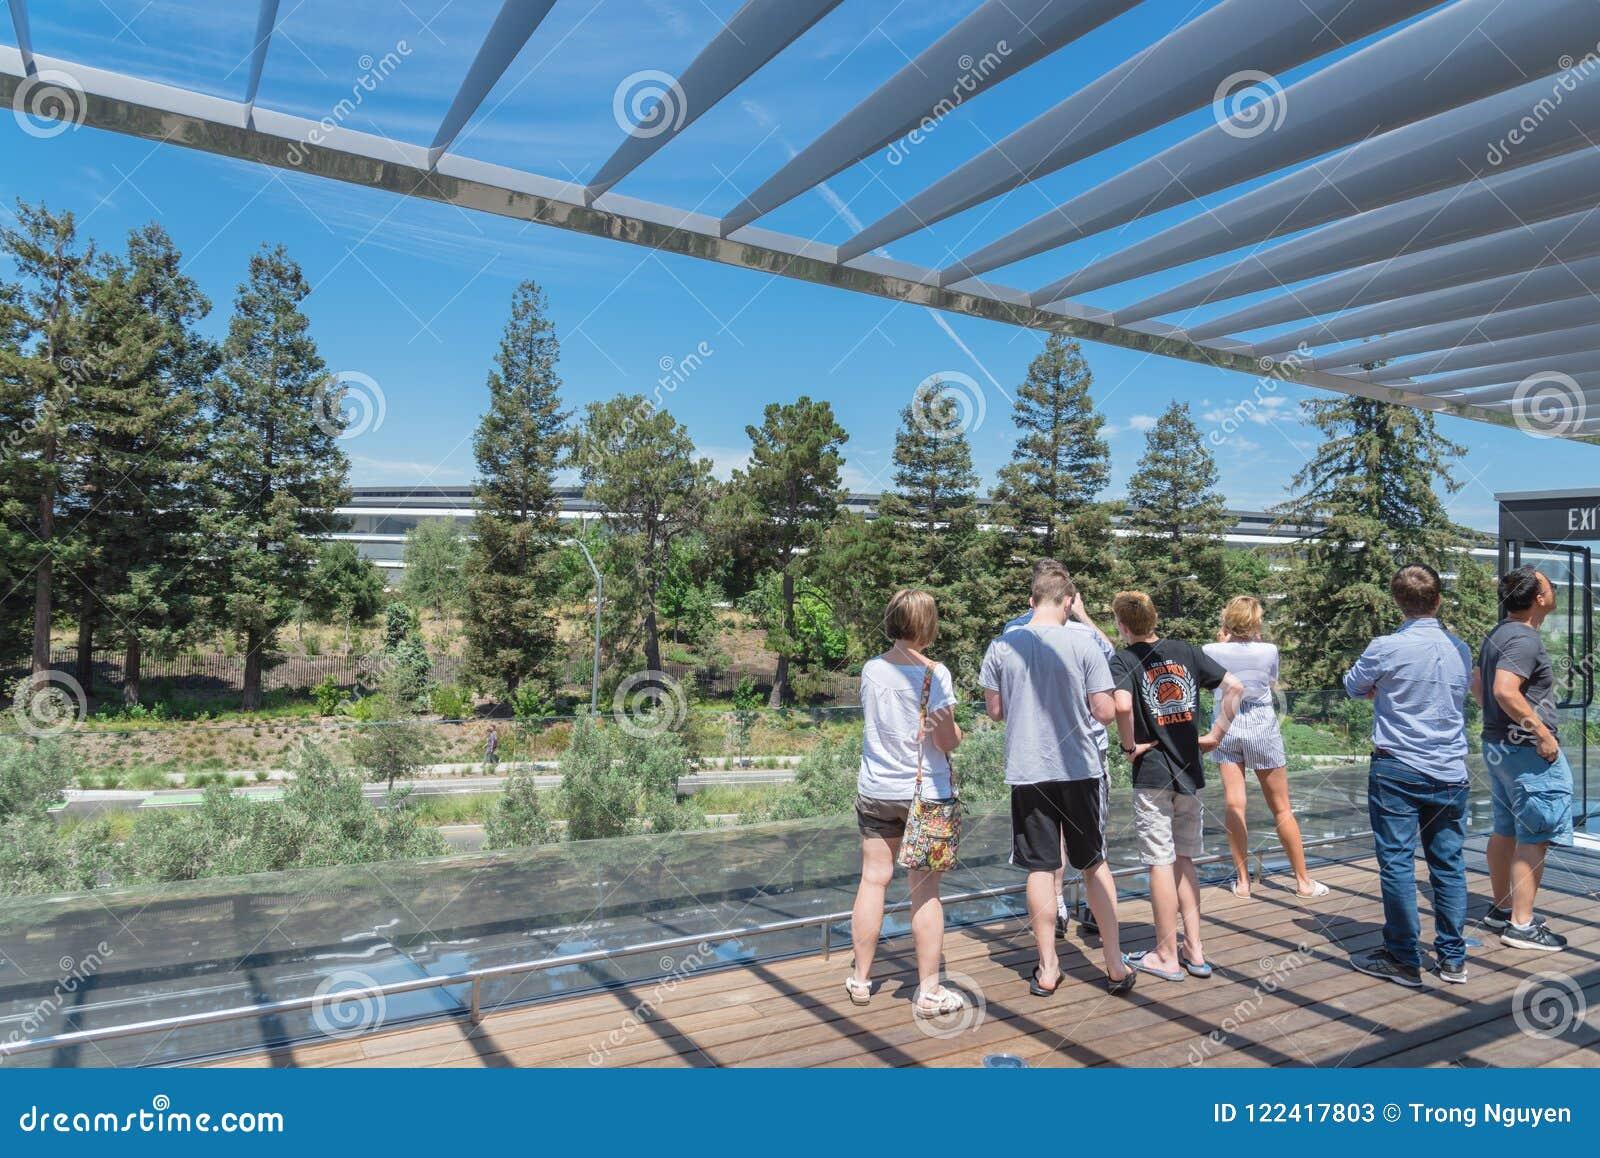 Il terrazzo del tetto caratterizza una vista unica del parco di Apple e del suo ro